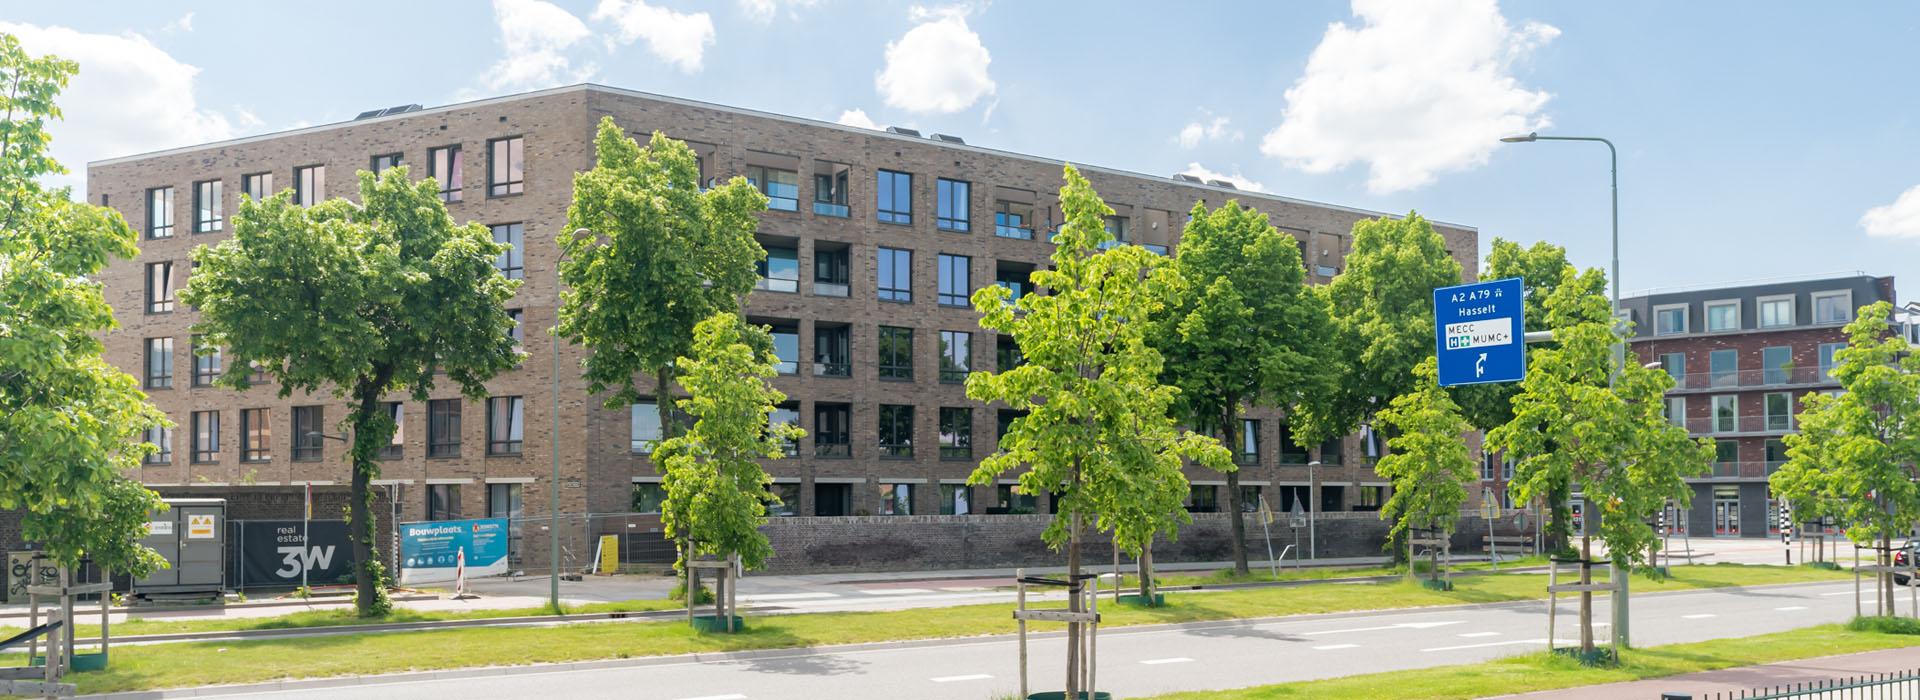 exterior of Amonet in Maastricht